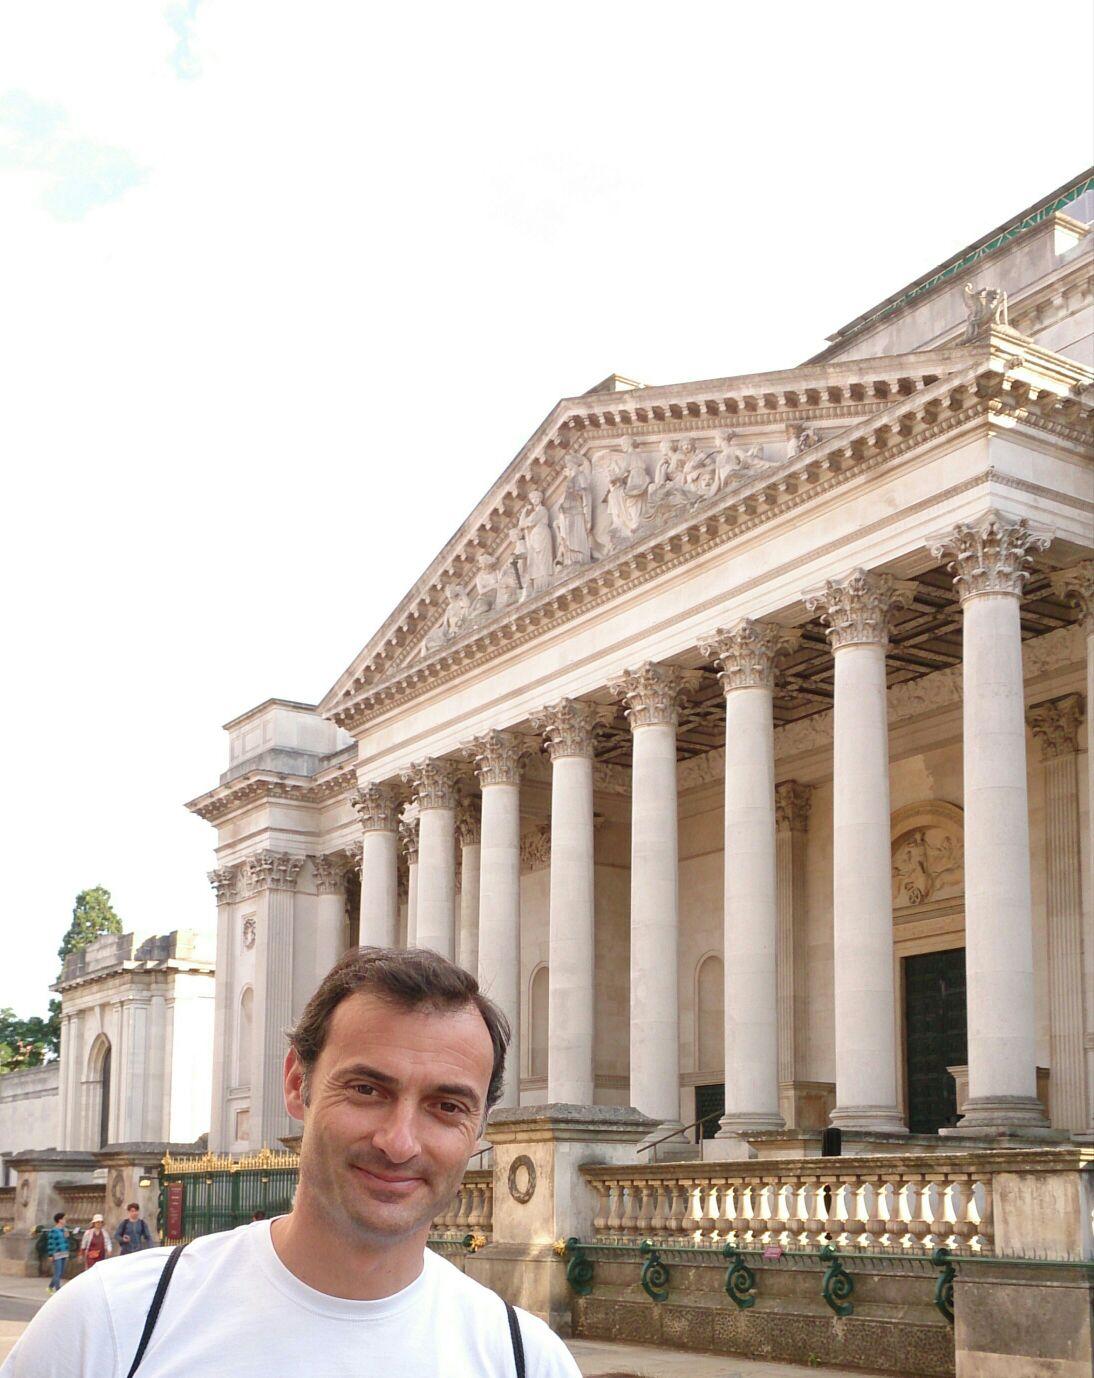 Curso Executive en Cambridge – Pablo Sanchez Del Valle